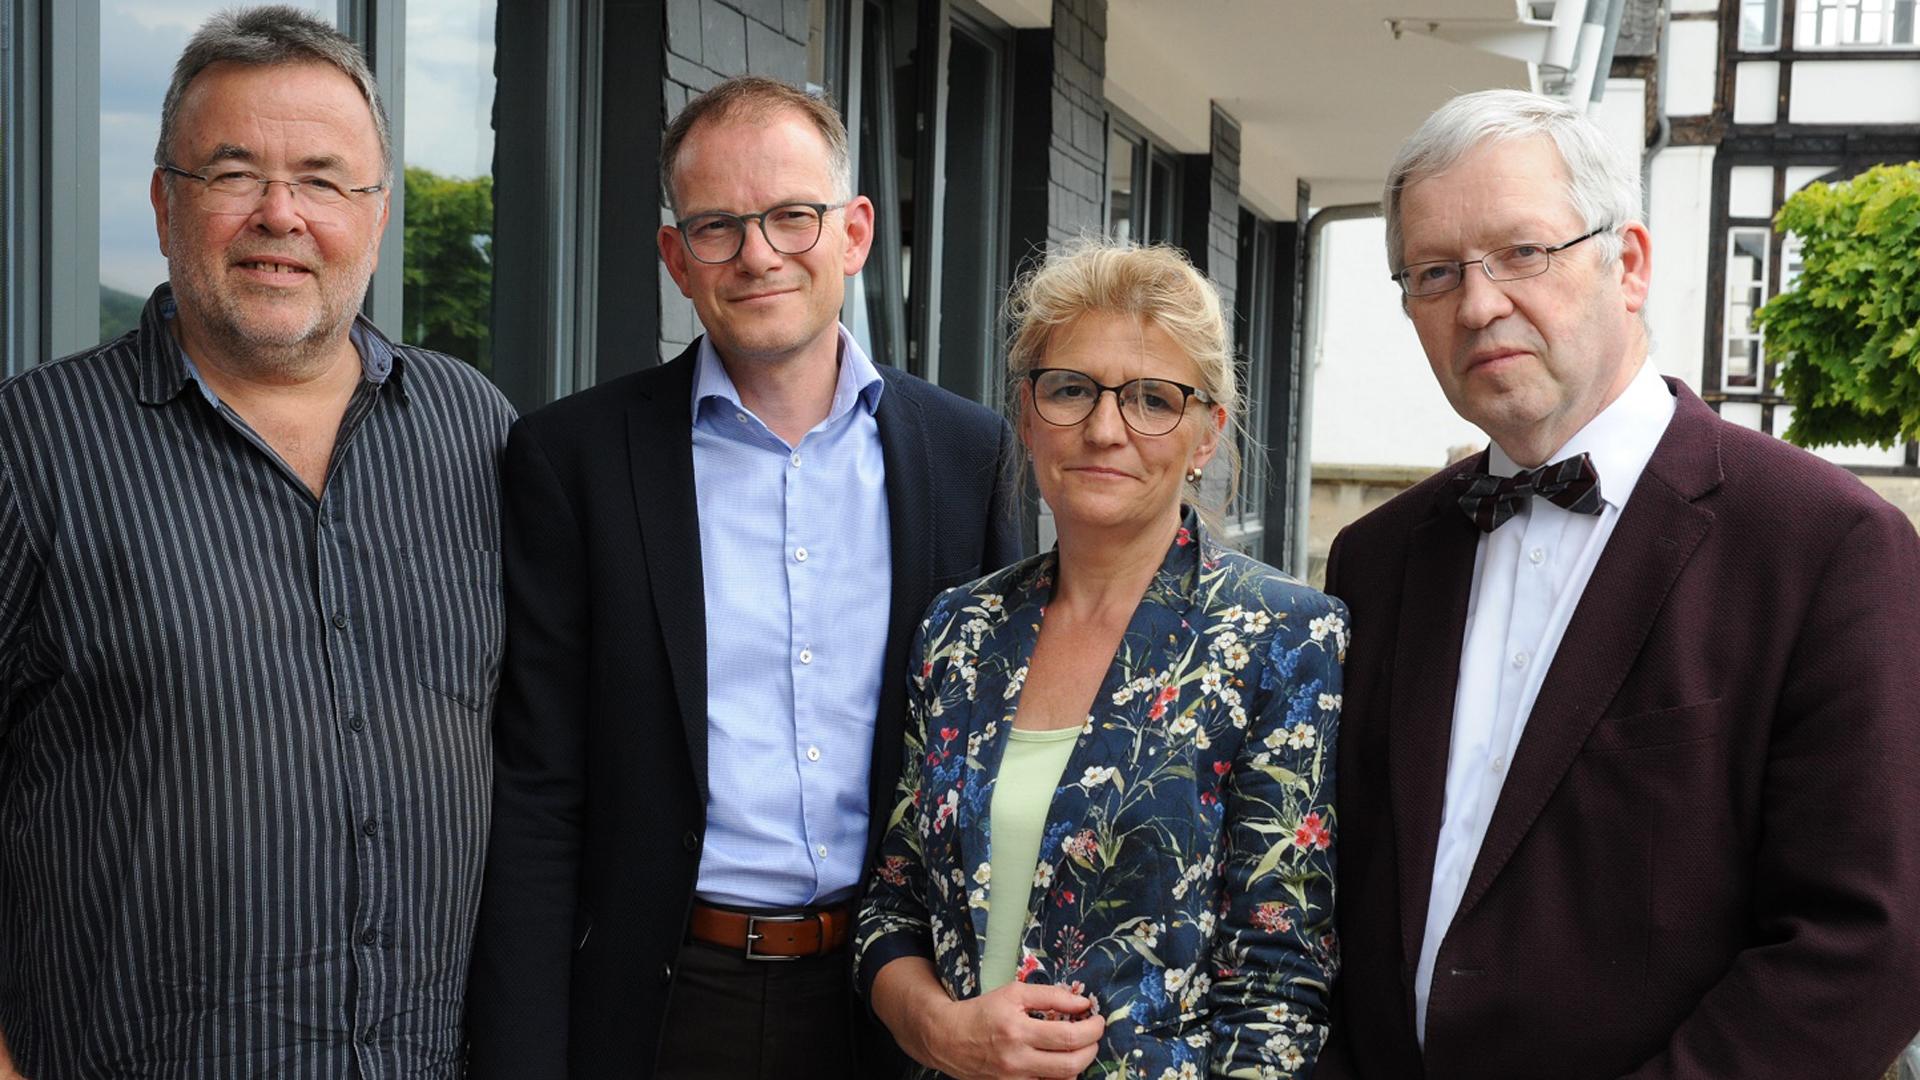 Die Deutsche Evangelische Allianz unterstützt eine Petition für eine hessische Christin, die in den Iran abgeschoben werden soll: Ekkehart Vetter, Reinhardt Schink, Gabriele Fischer, Hartmut Steeb